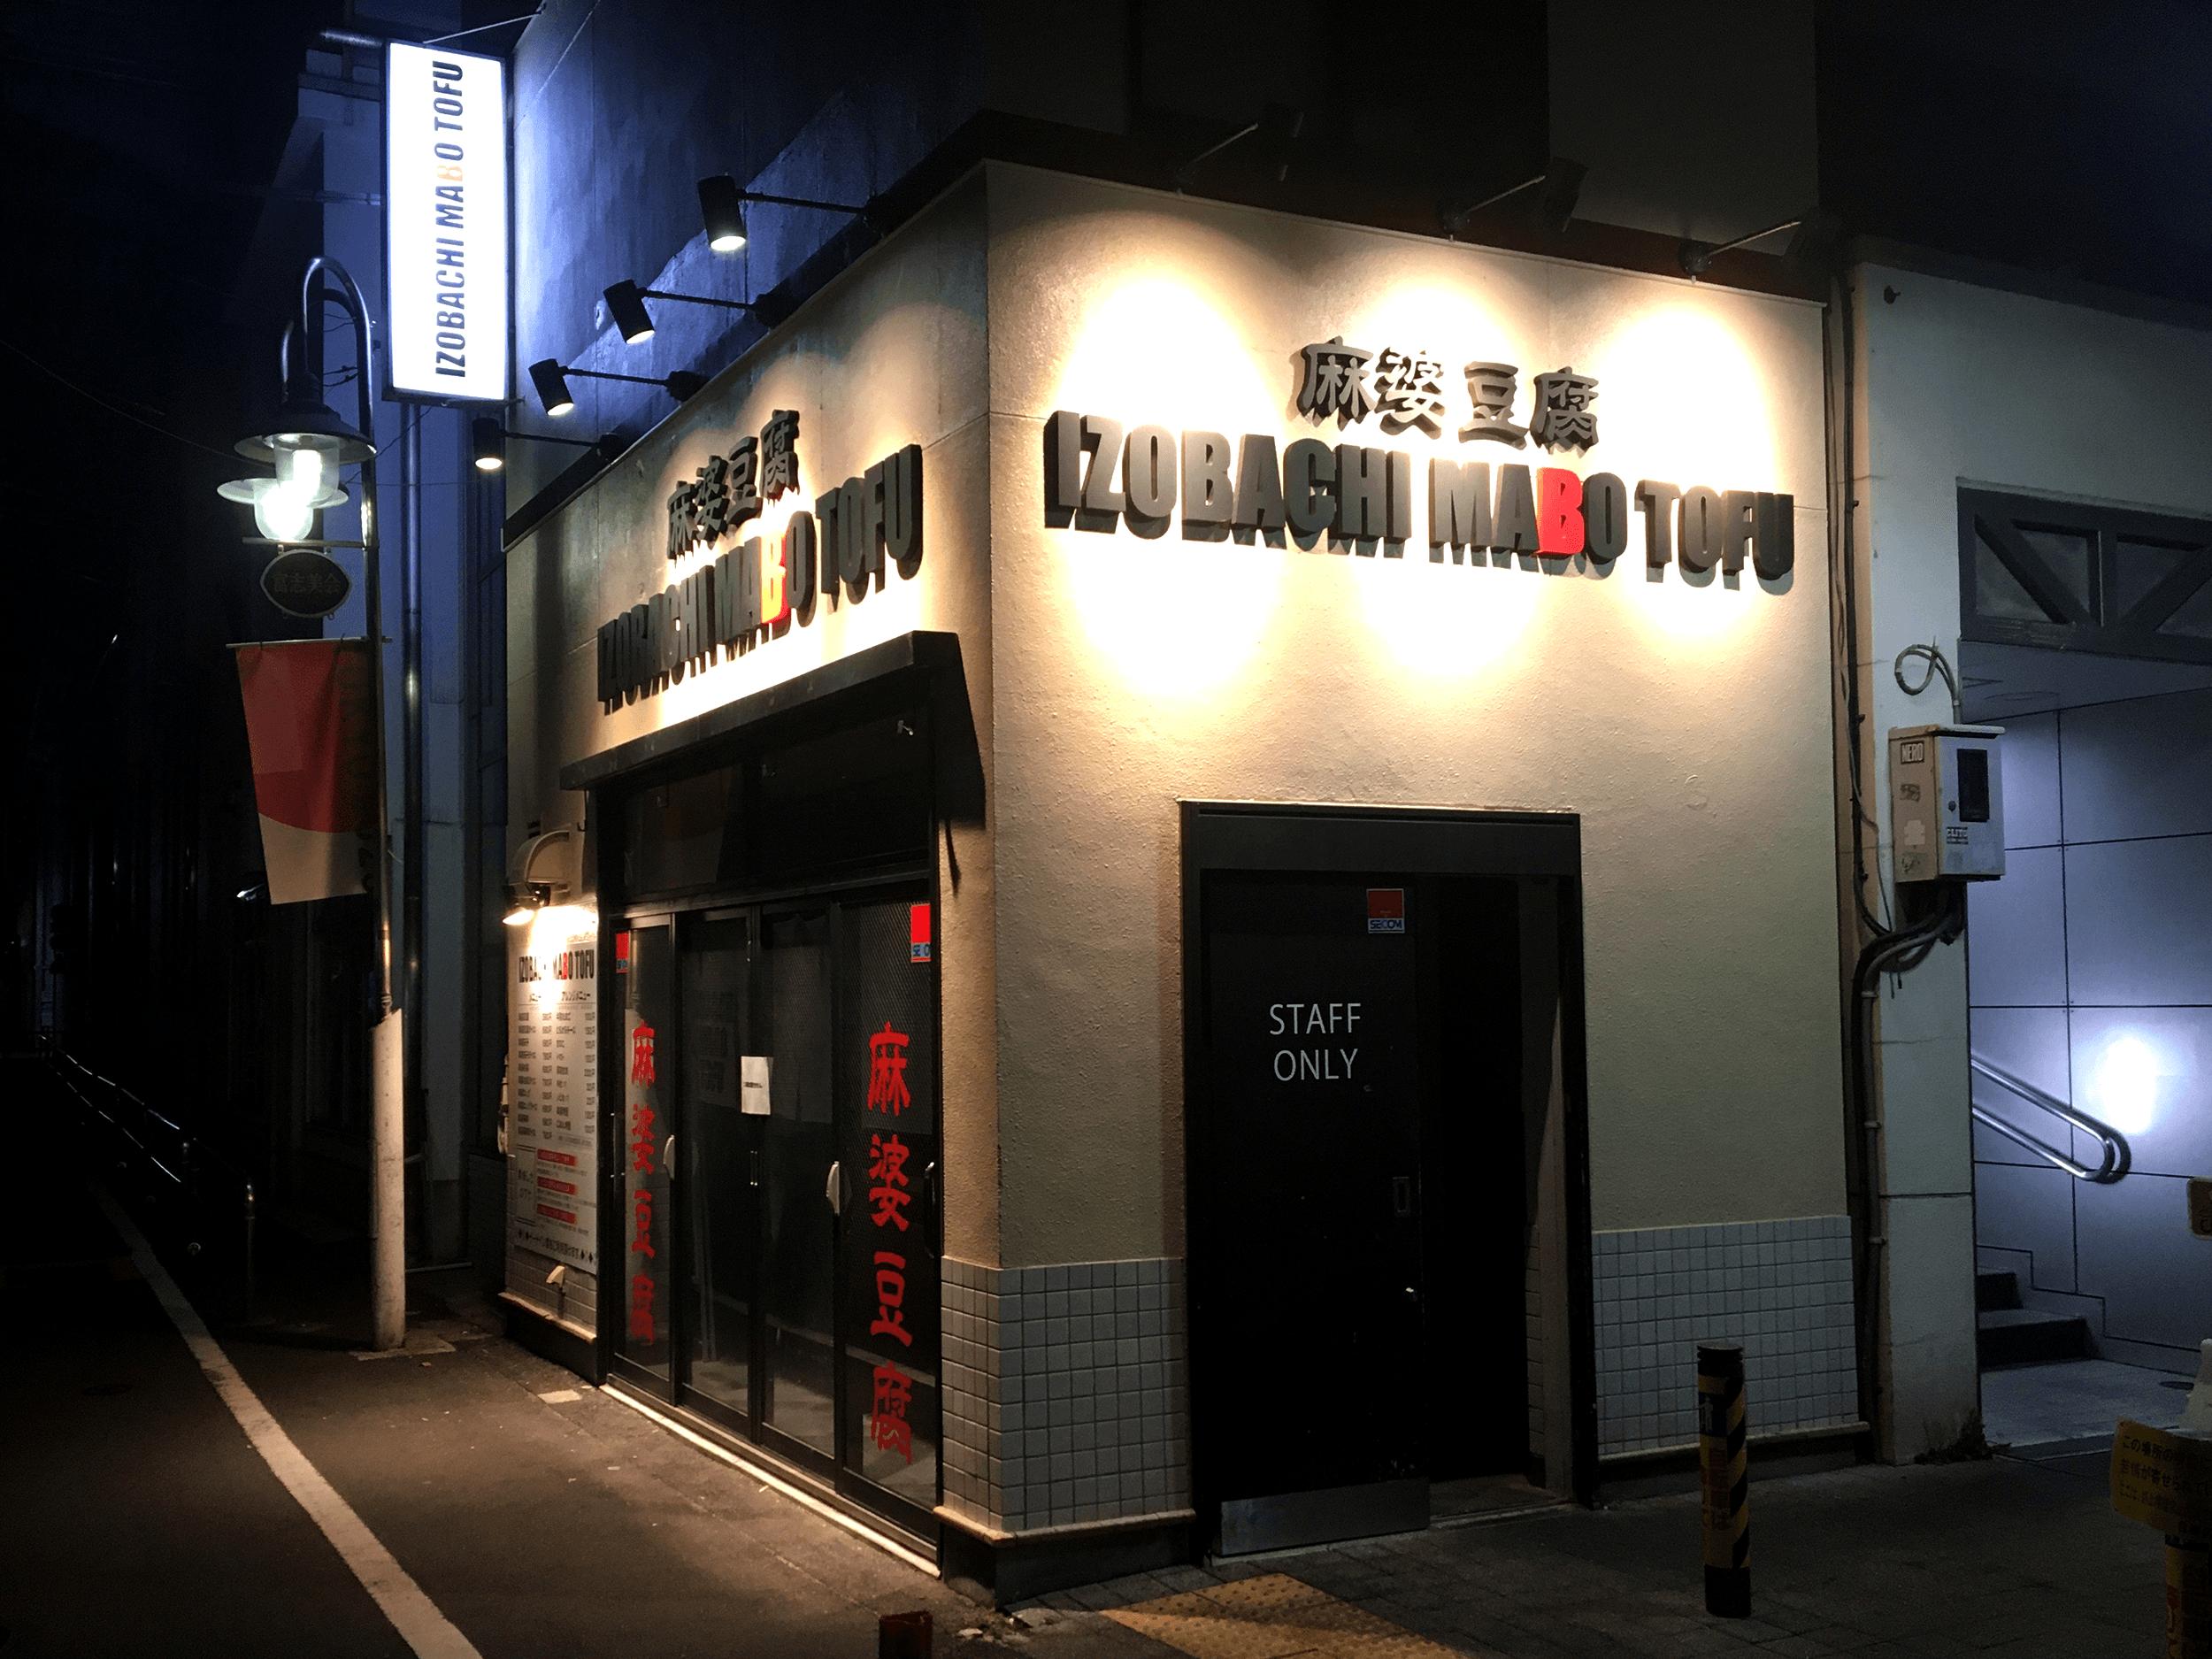 ファサード・壁面看板施工事例写真 東京都 既存店舗業態変更のためサイン工事